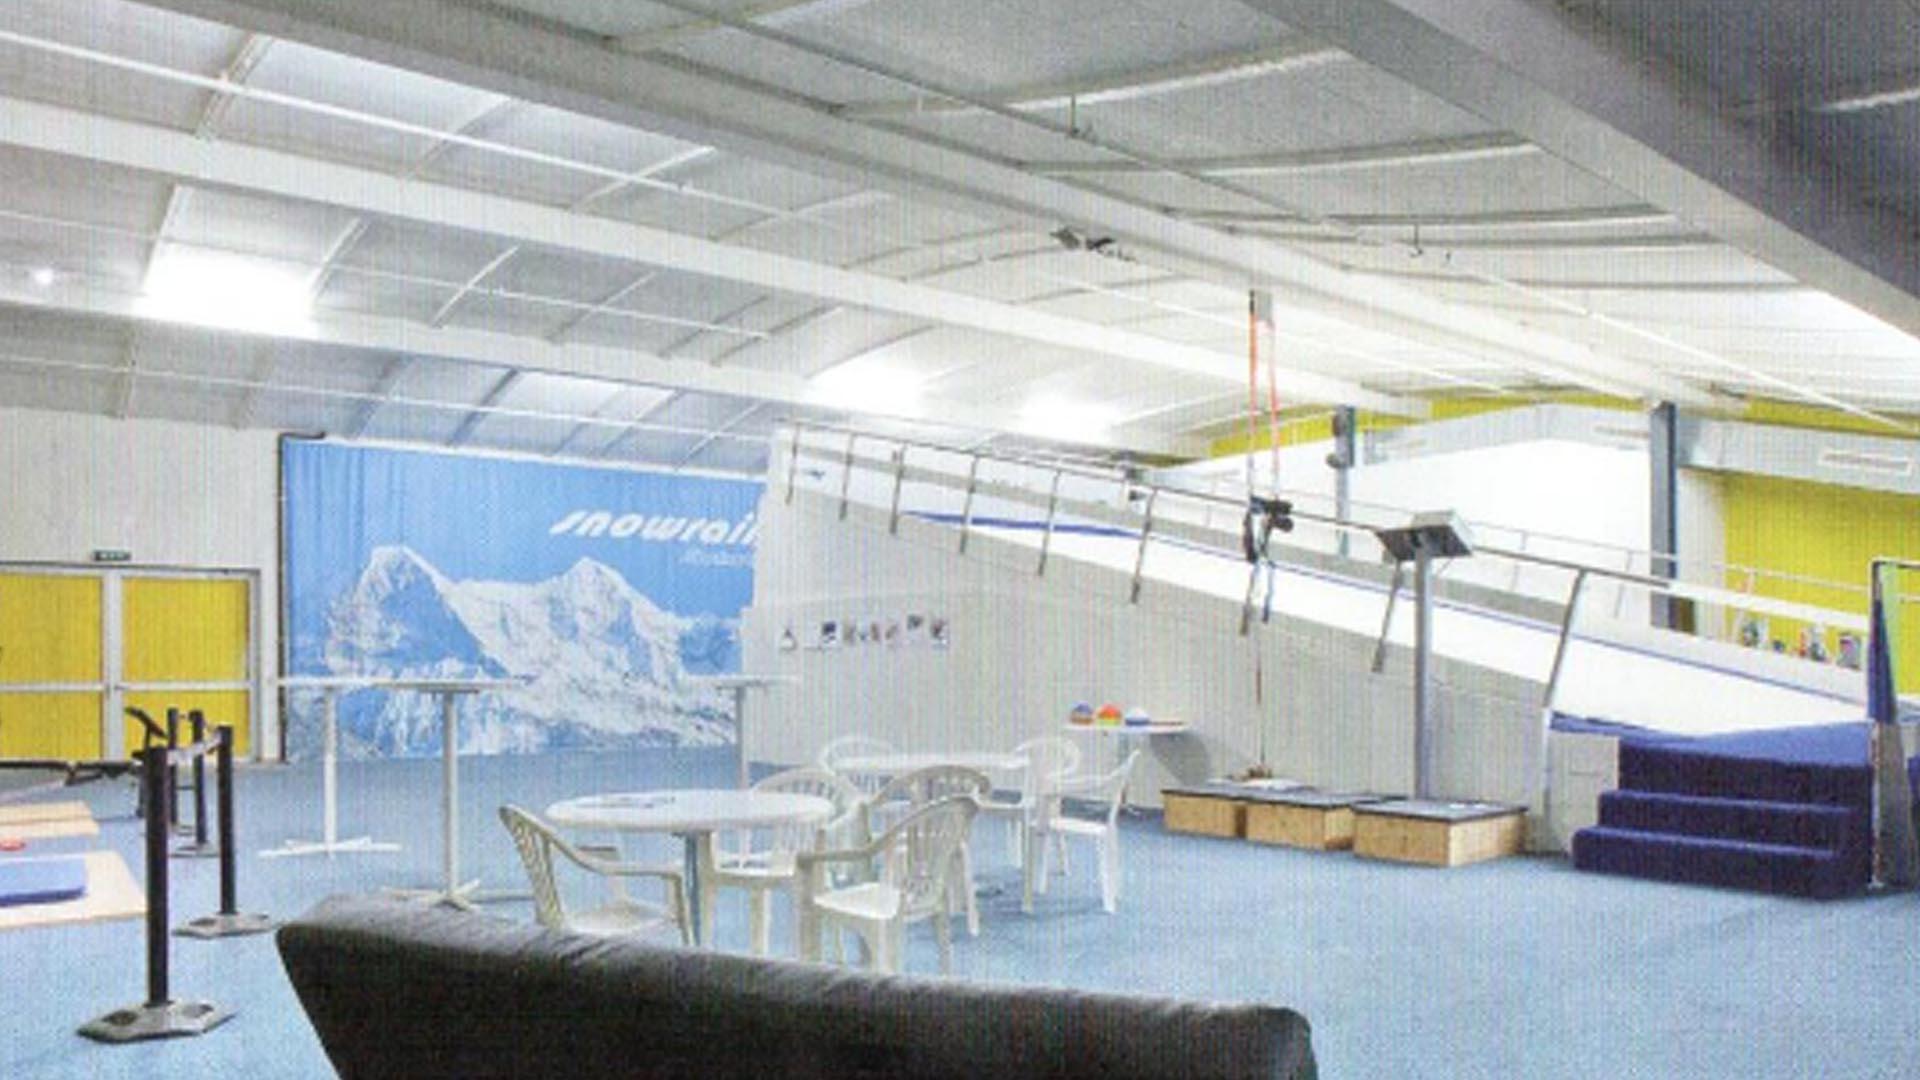 Die einzige IndoorSkianlage mit dem 7 Meter breiten und